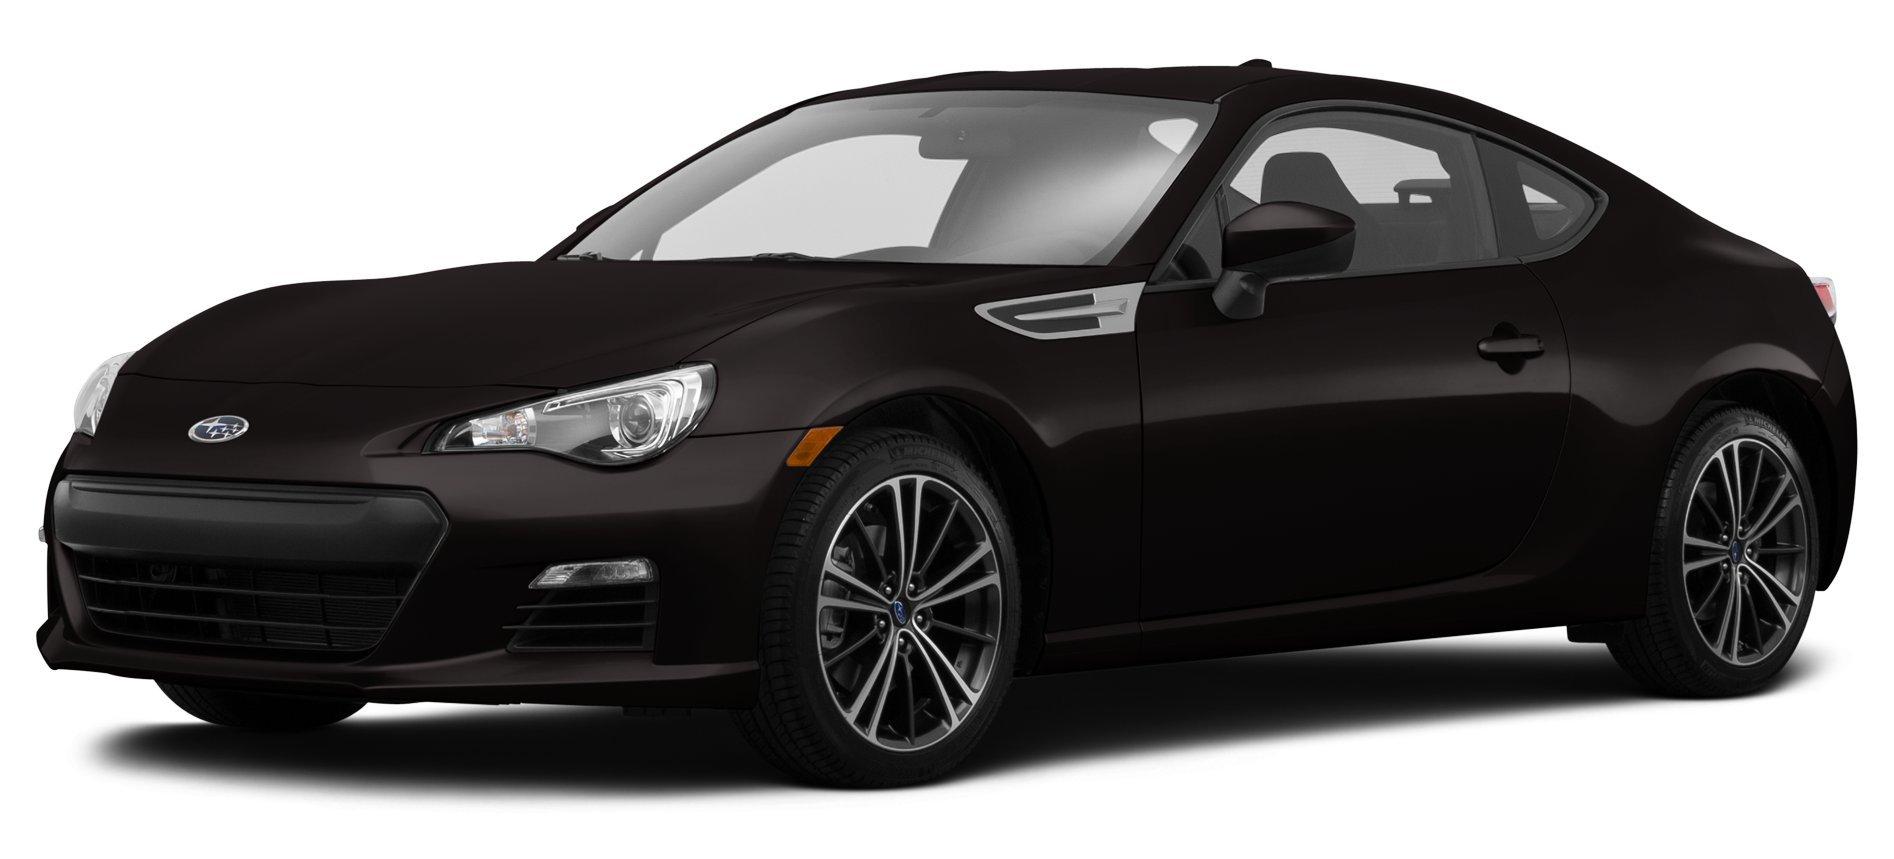 2015 subaru brz premium 2 door coupe manual transmission